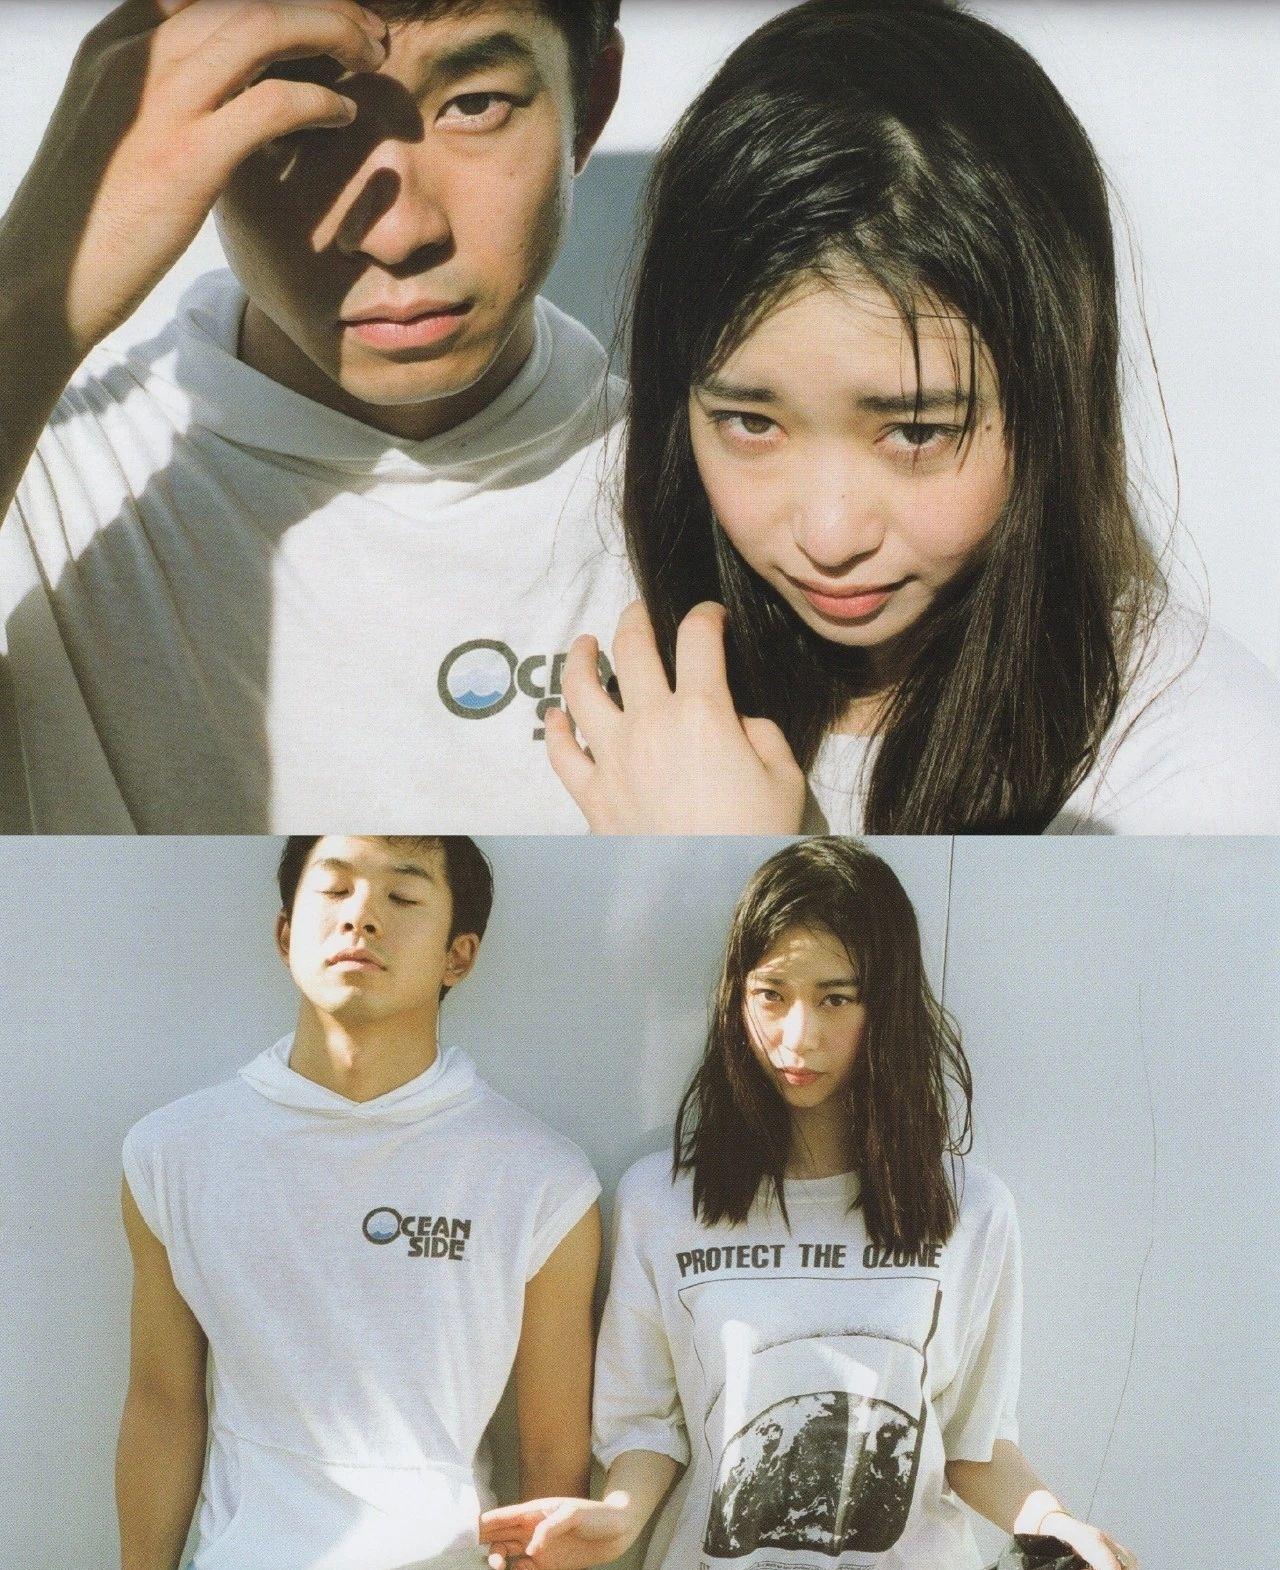 仲野太贺和森川葵这对养眼情侣一起被确诊新冠了 (7)